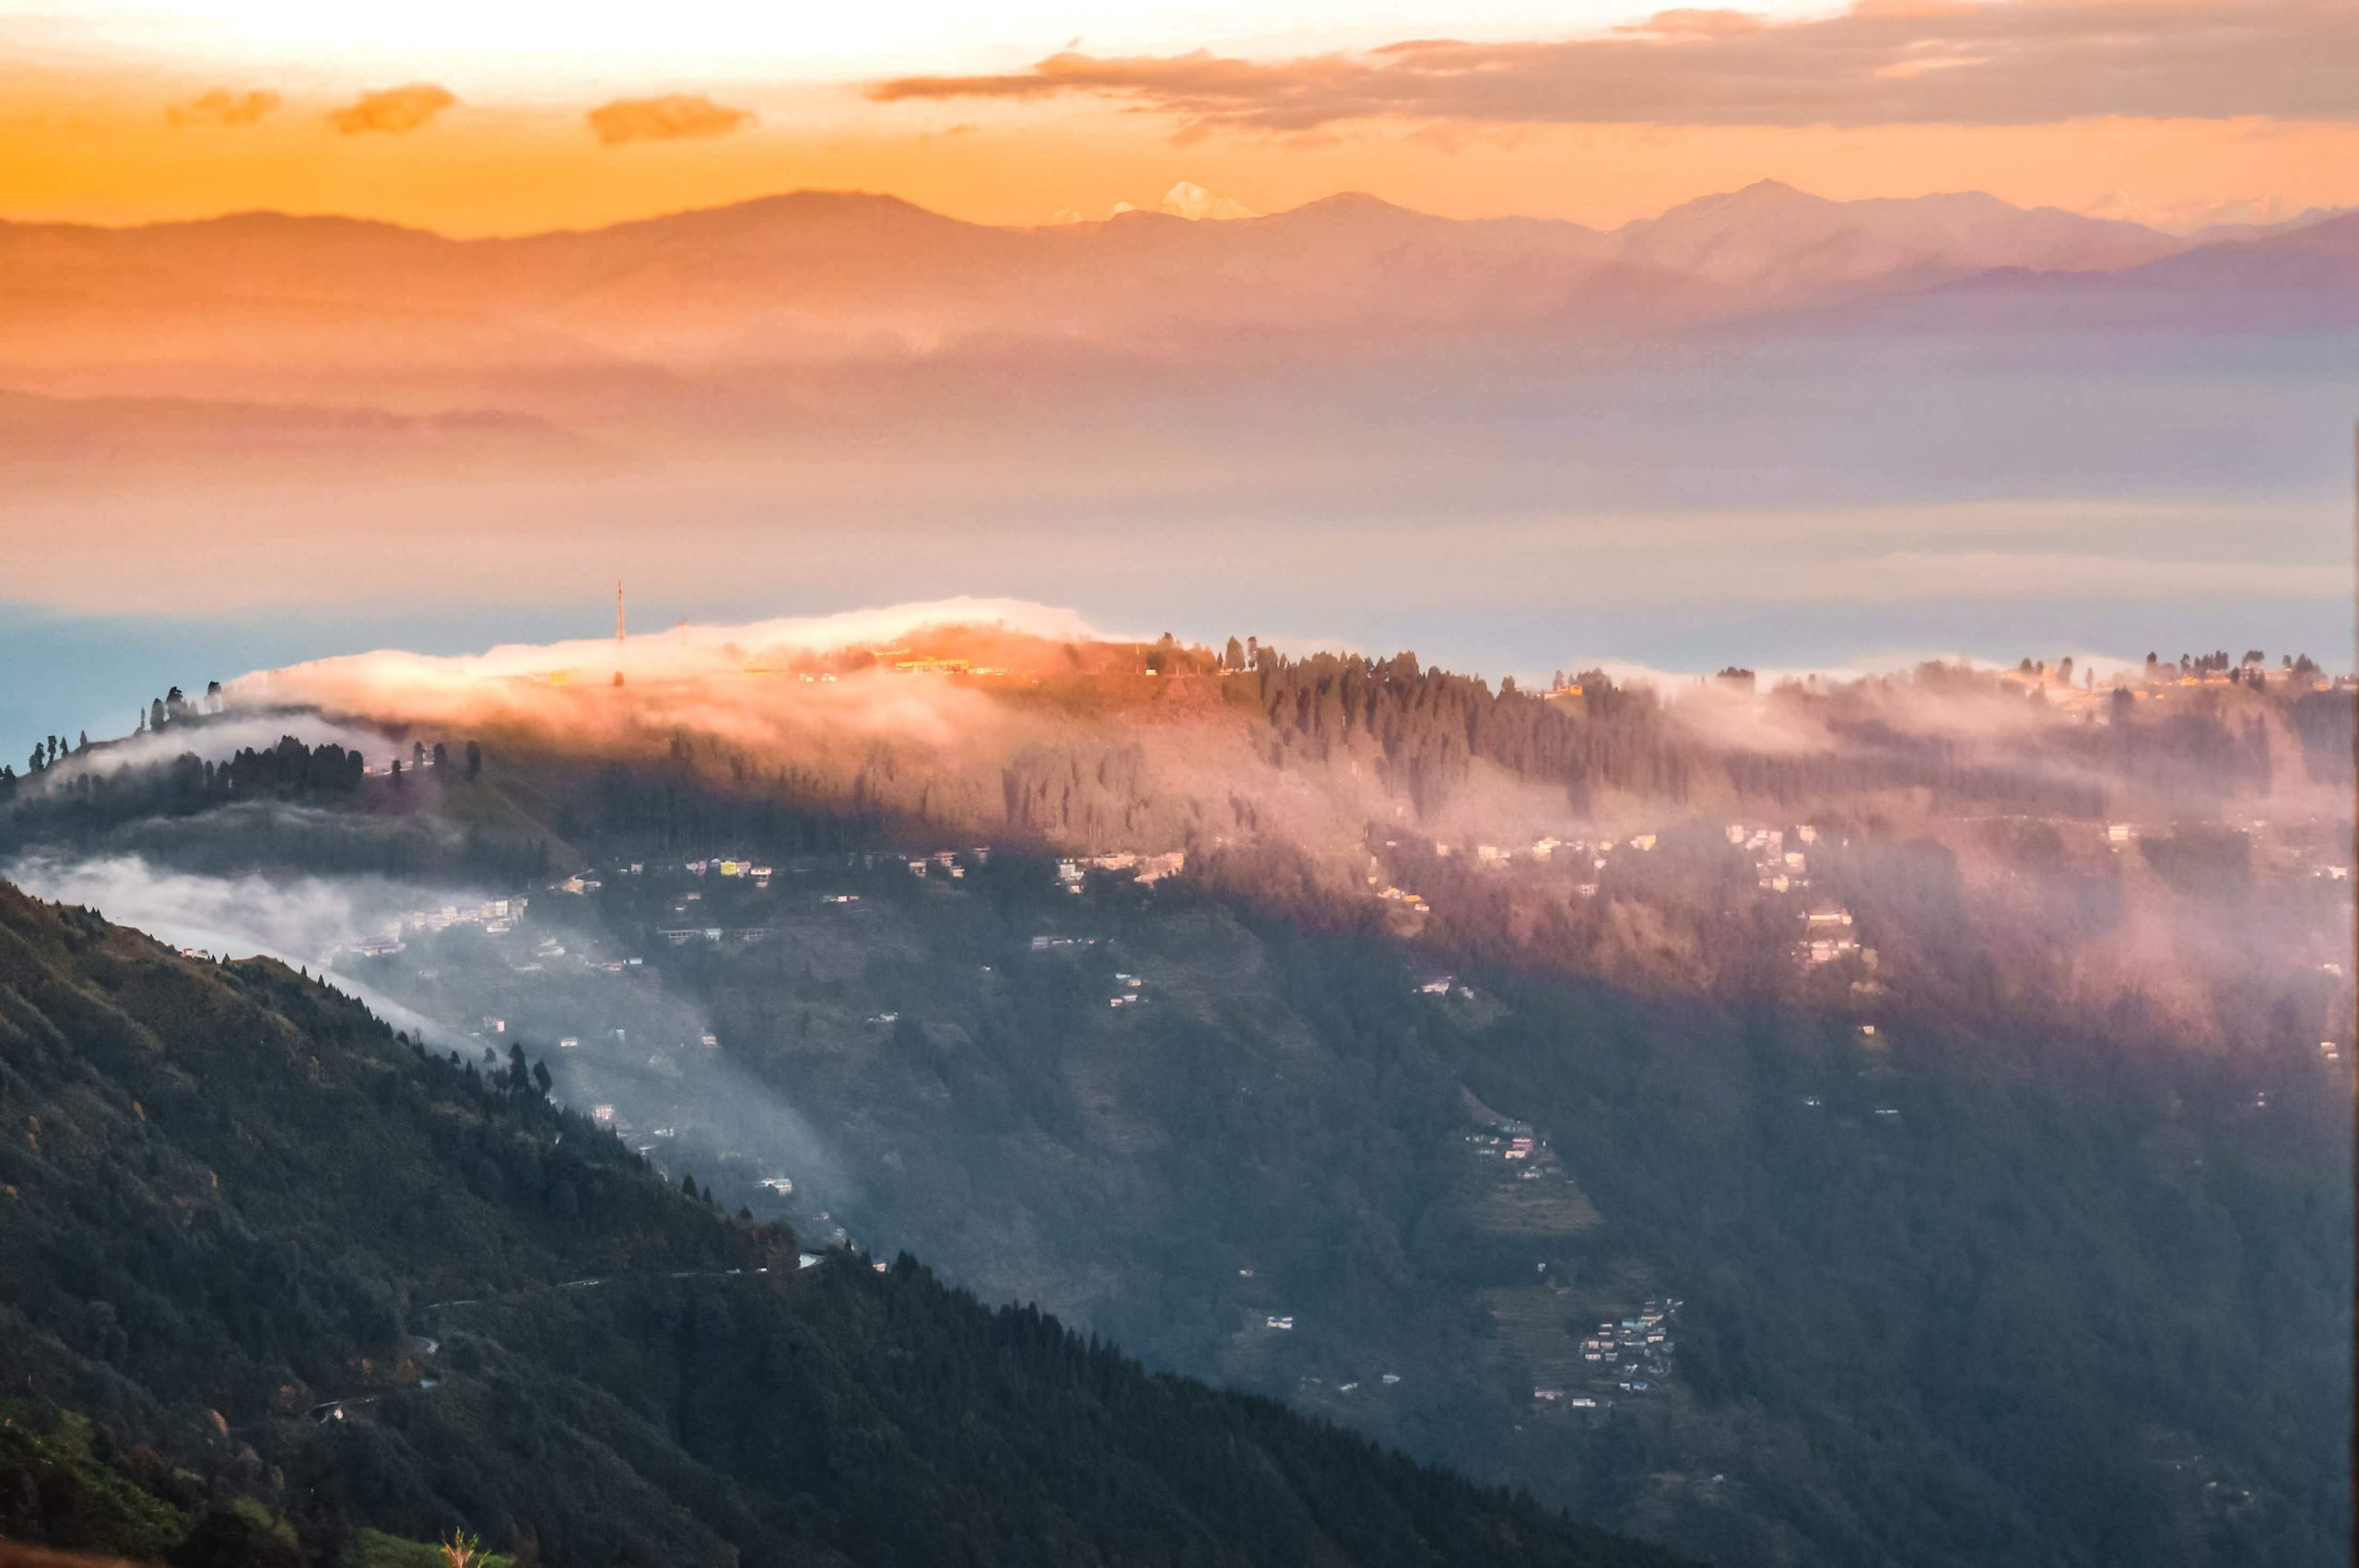 Sikkim mountains during morning